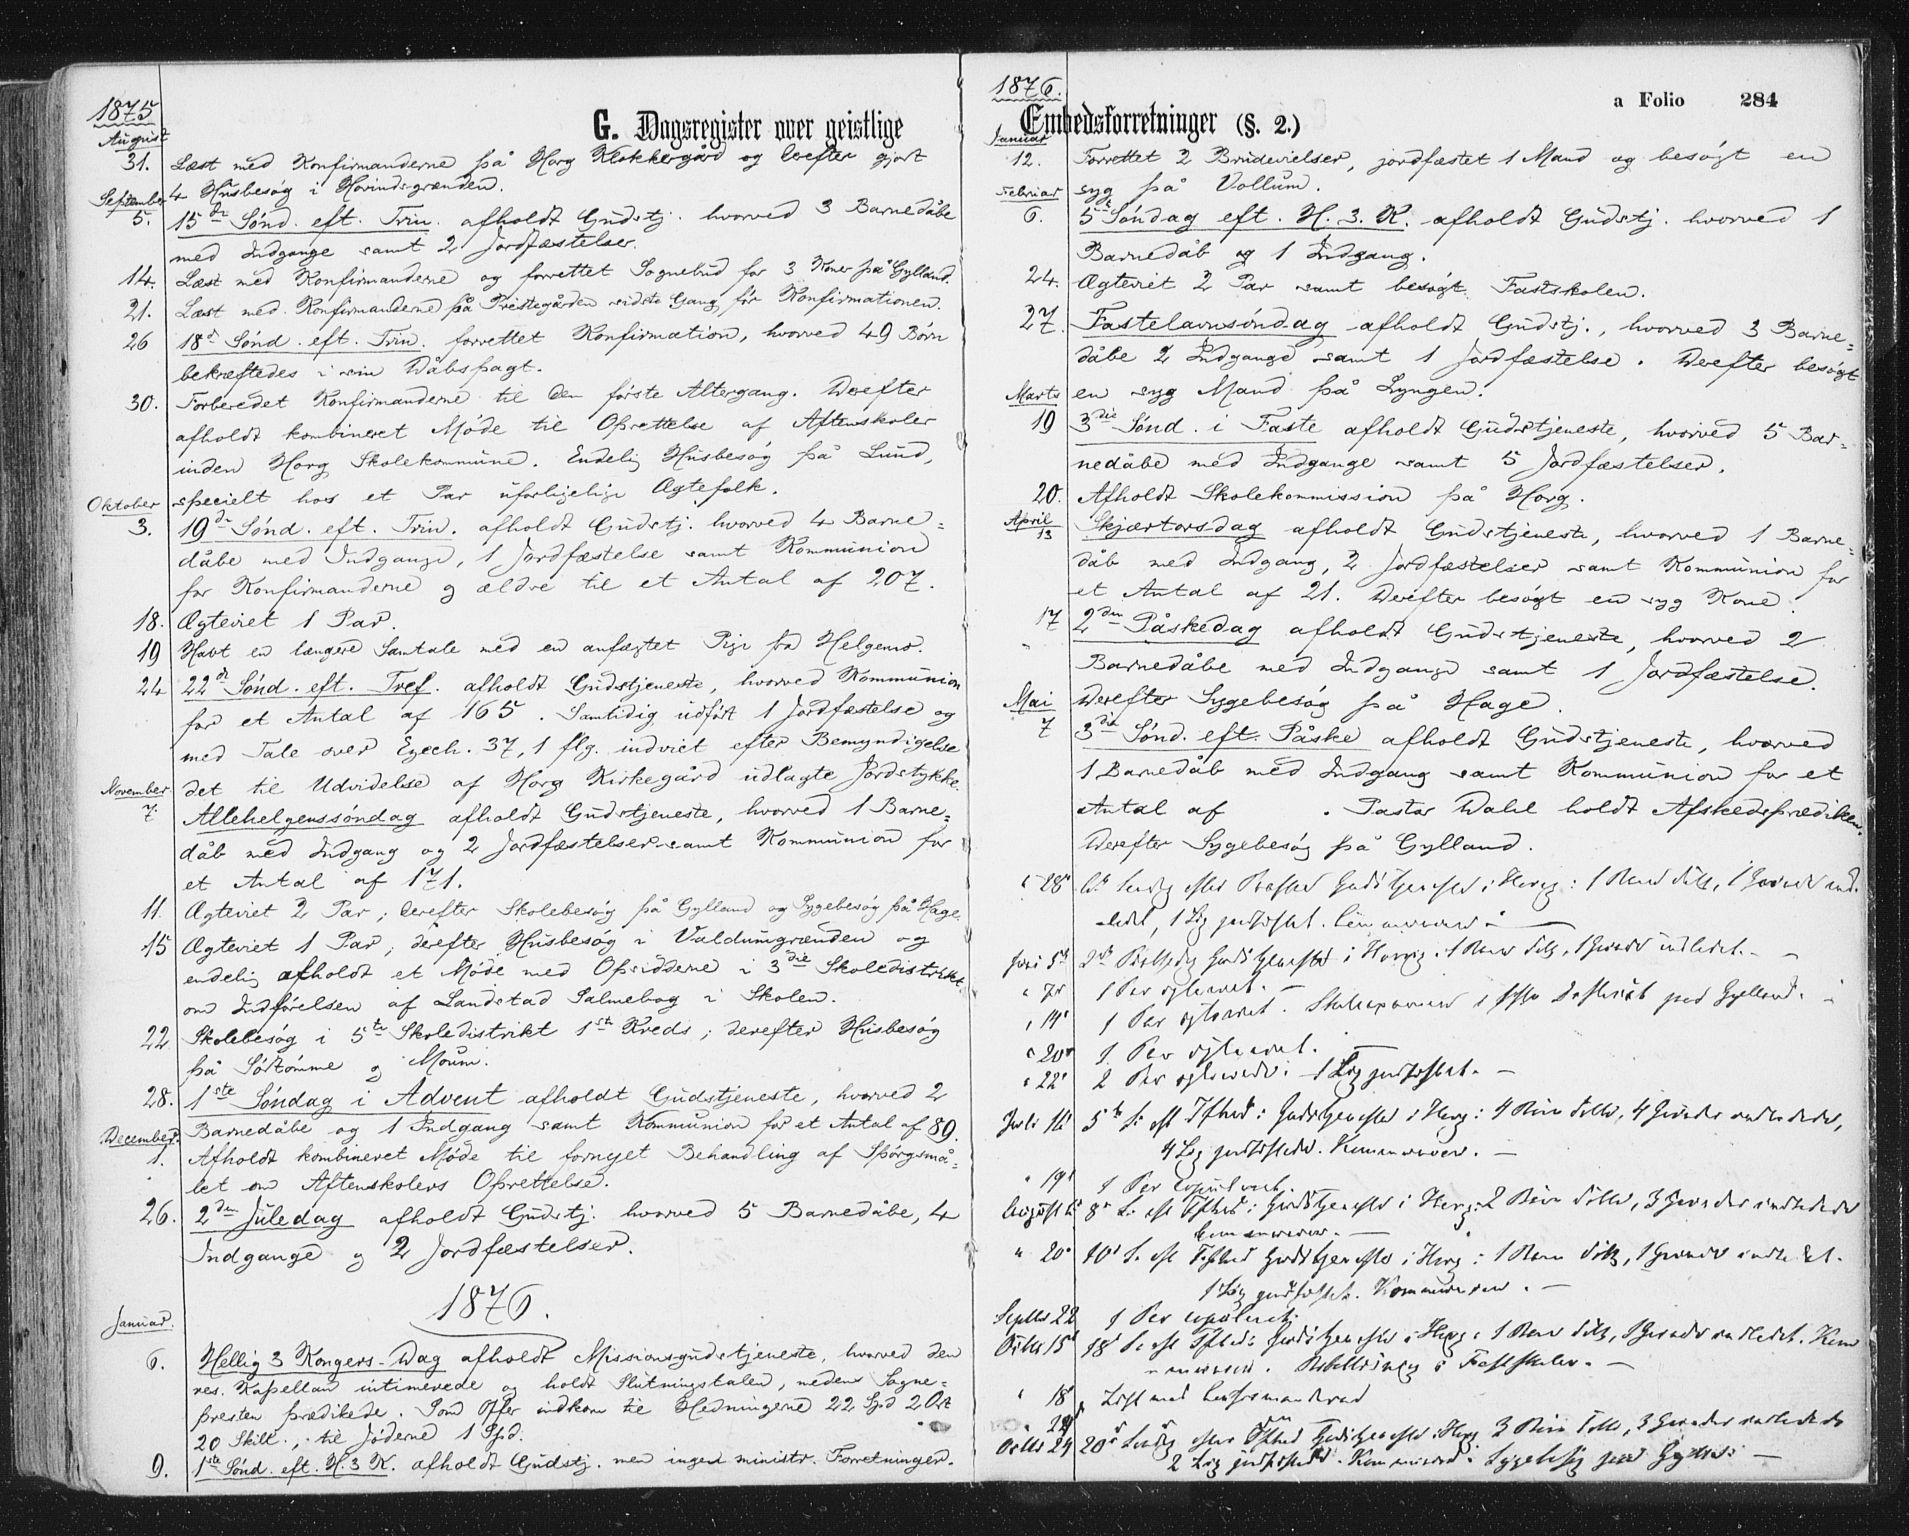 SAT, Ministerialprotokoller, klokkerbøker og fødselsregistre - Sør-Trøndelag, 692/L1104: Ministerialbok nr. 692A04, 1862-1878, s. 284